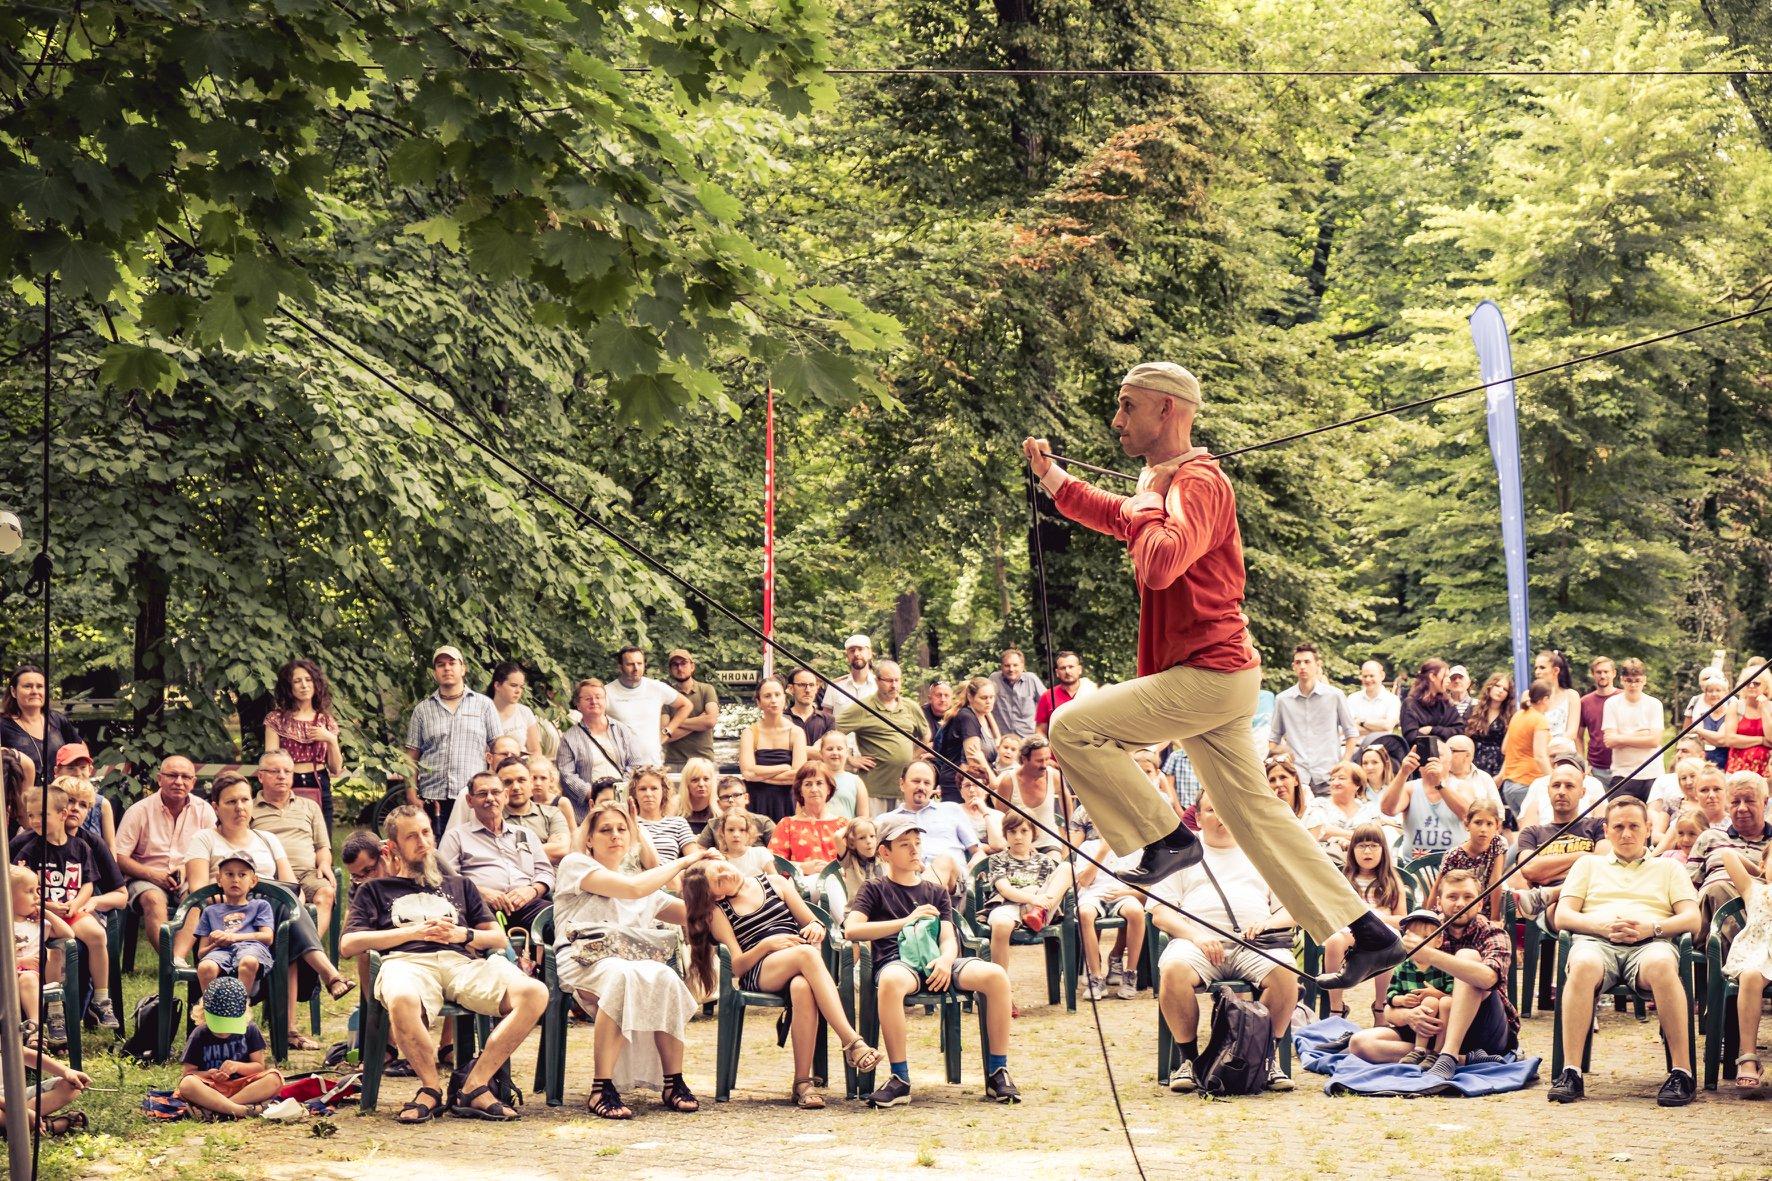 fot. Marcin Szczyrba